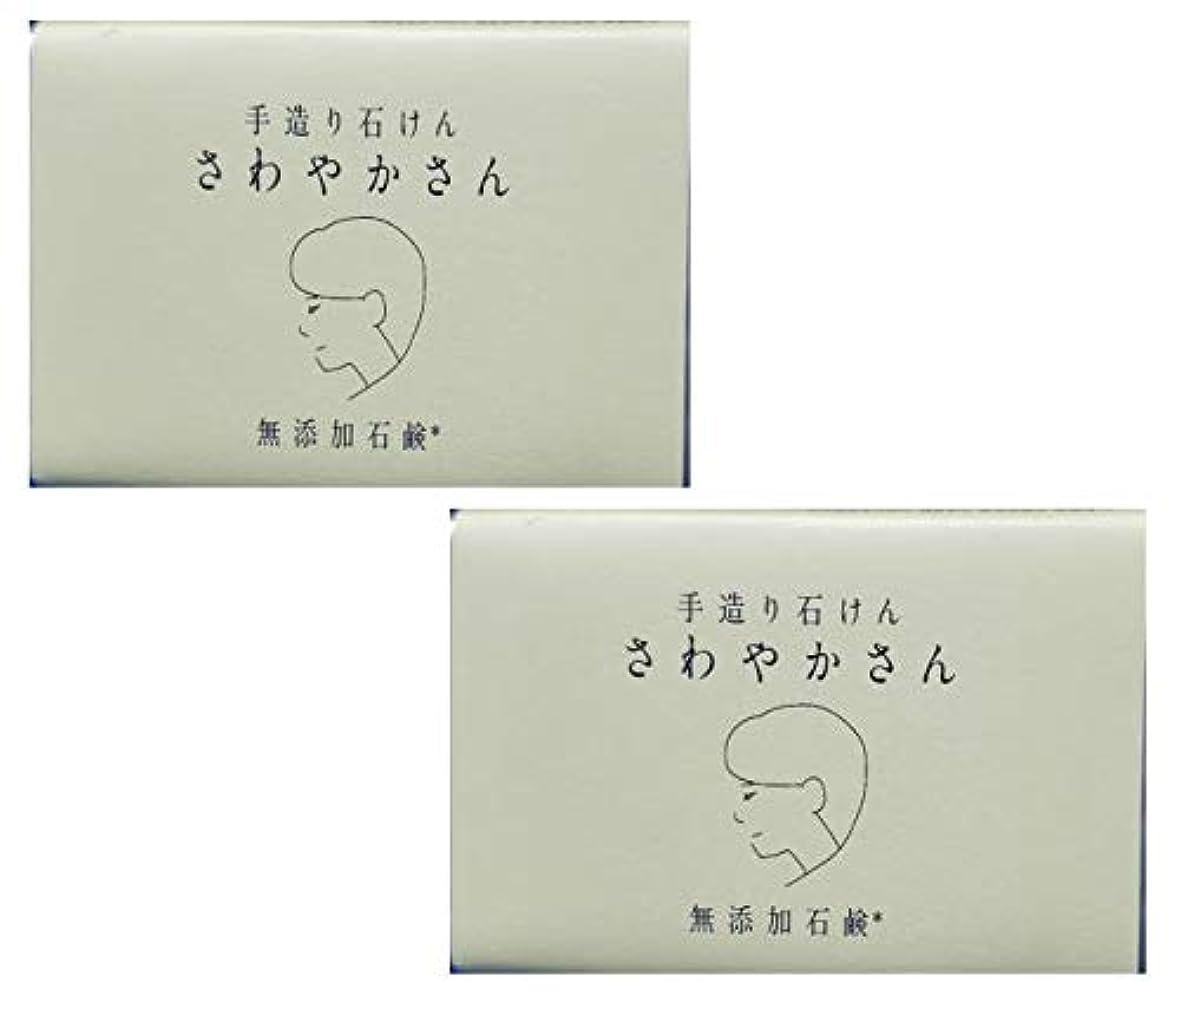 九月セクションリムやさしい 手造り石鹸 「さわやかさん」90g 無添加 コールドプロセス製法 洗顔せっけん (2個セット)